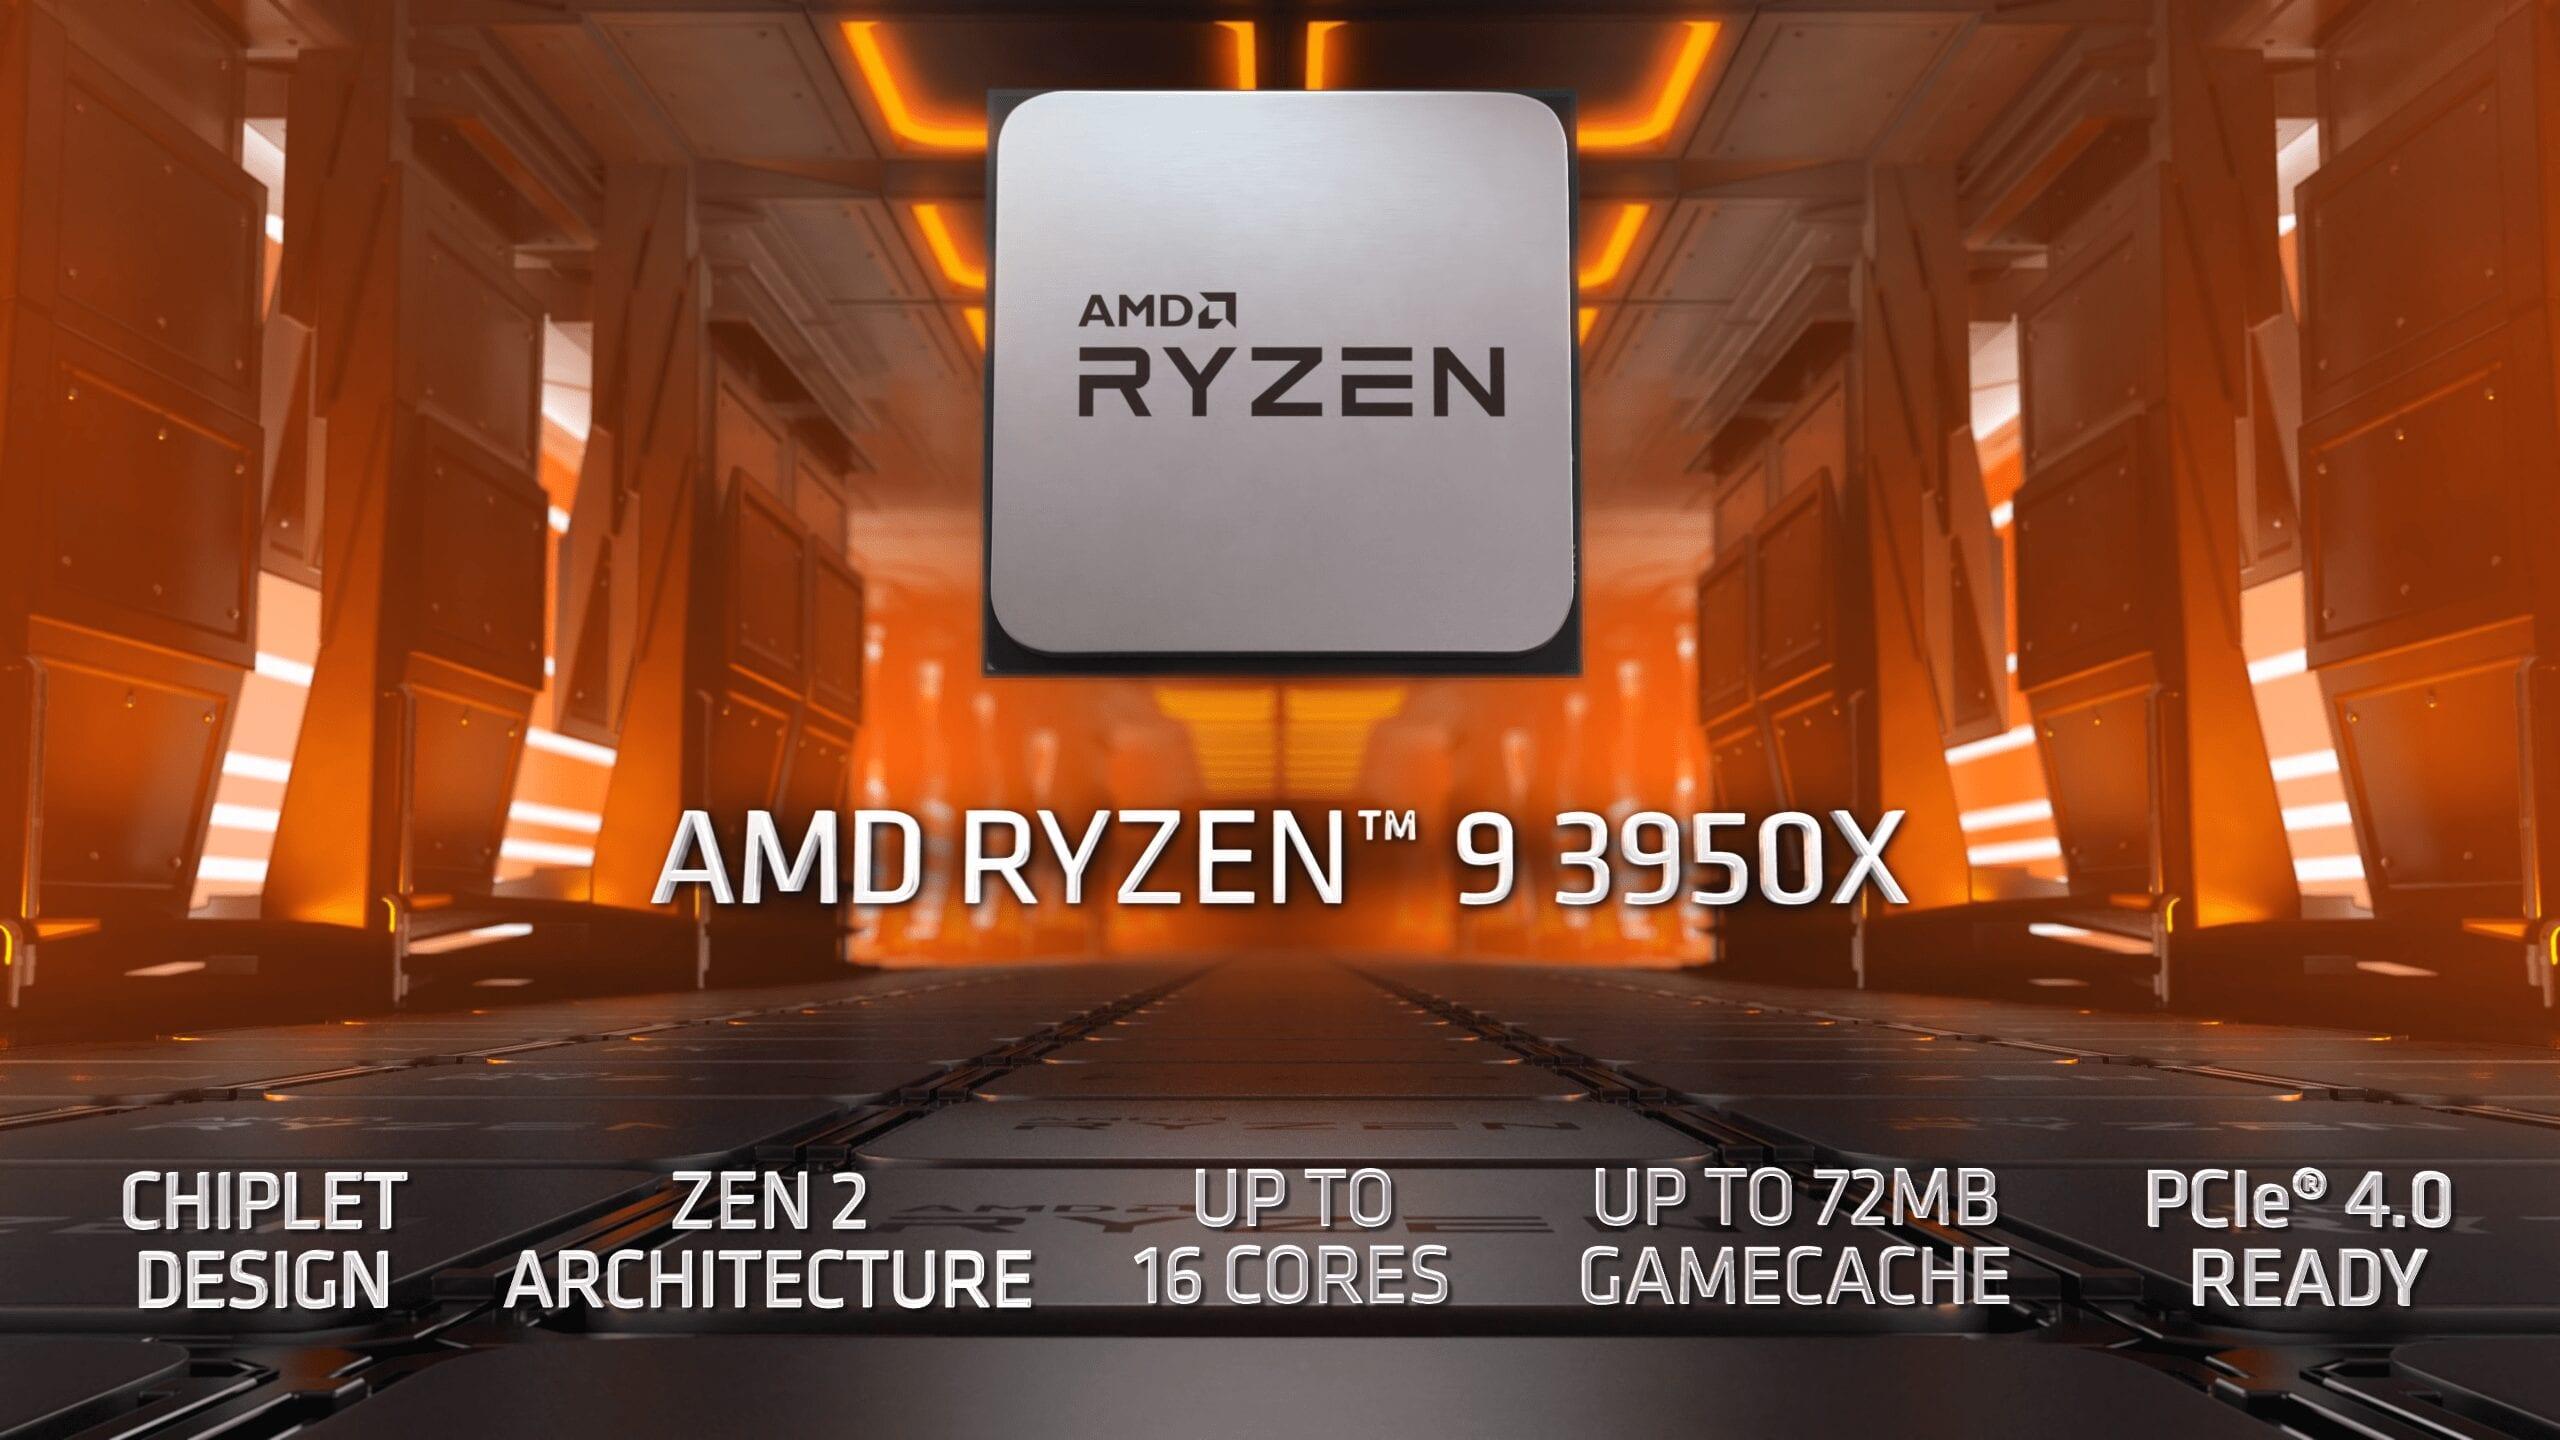 16-ядерный монстр AMD Ryzen 9 3950X опережает 24-ядерный Ryzen Threadripper 2970WX